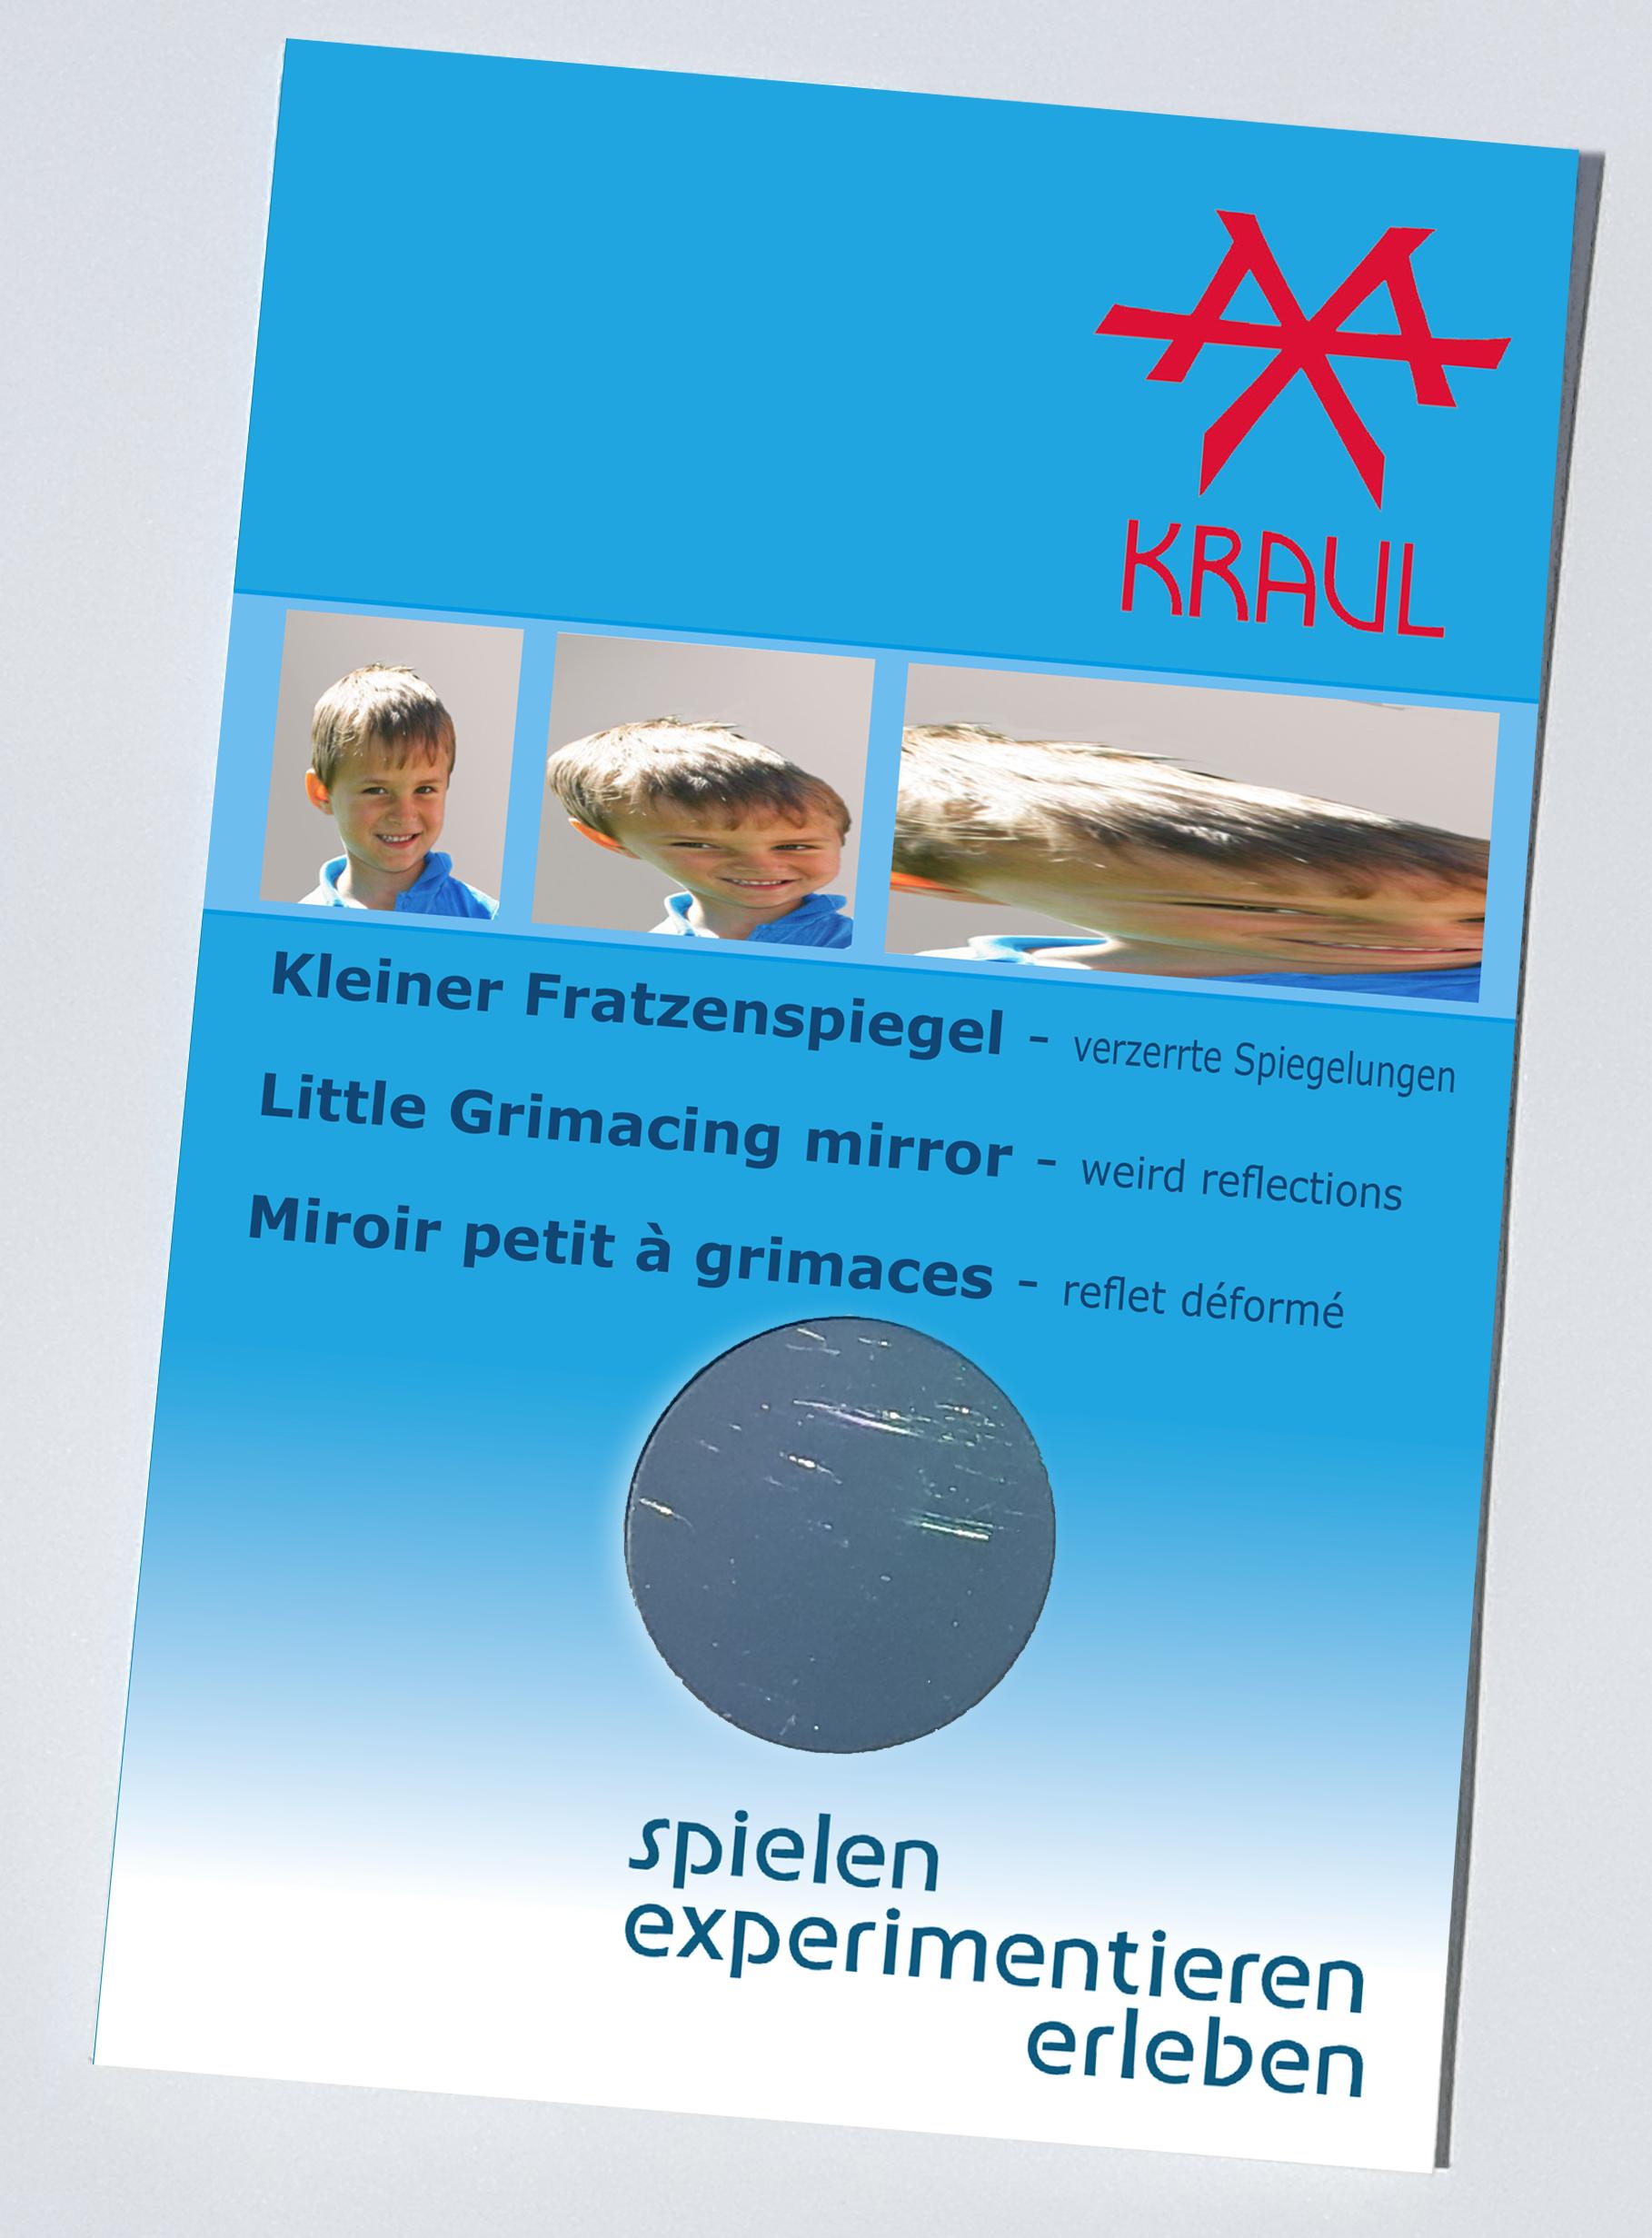 Kraul Fratzenspiegel klein, dieters 026020